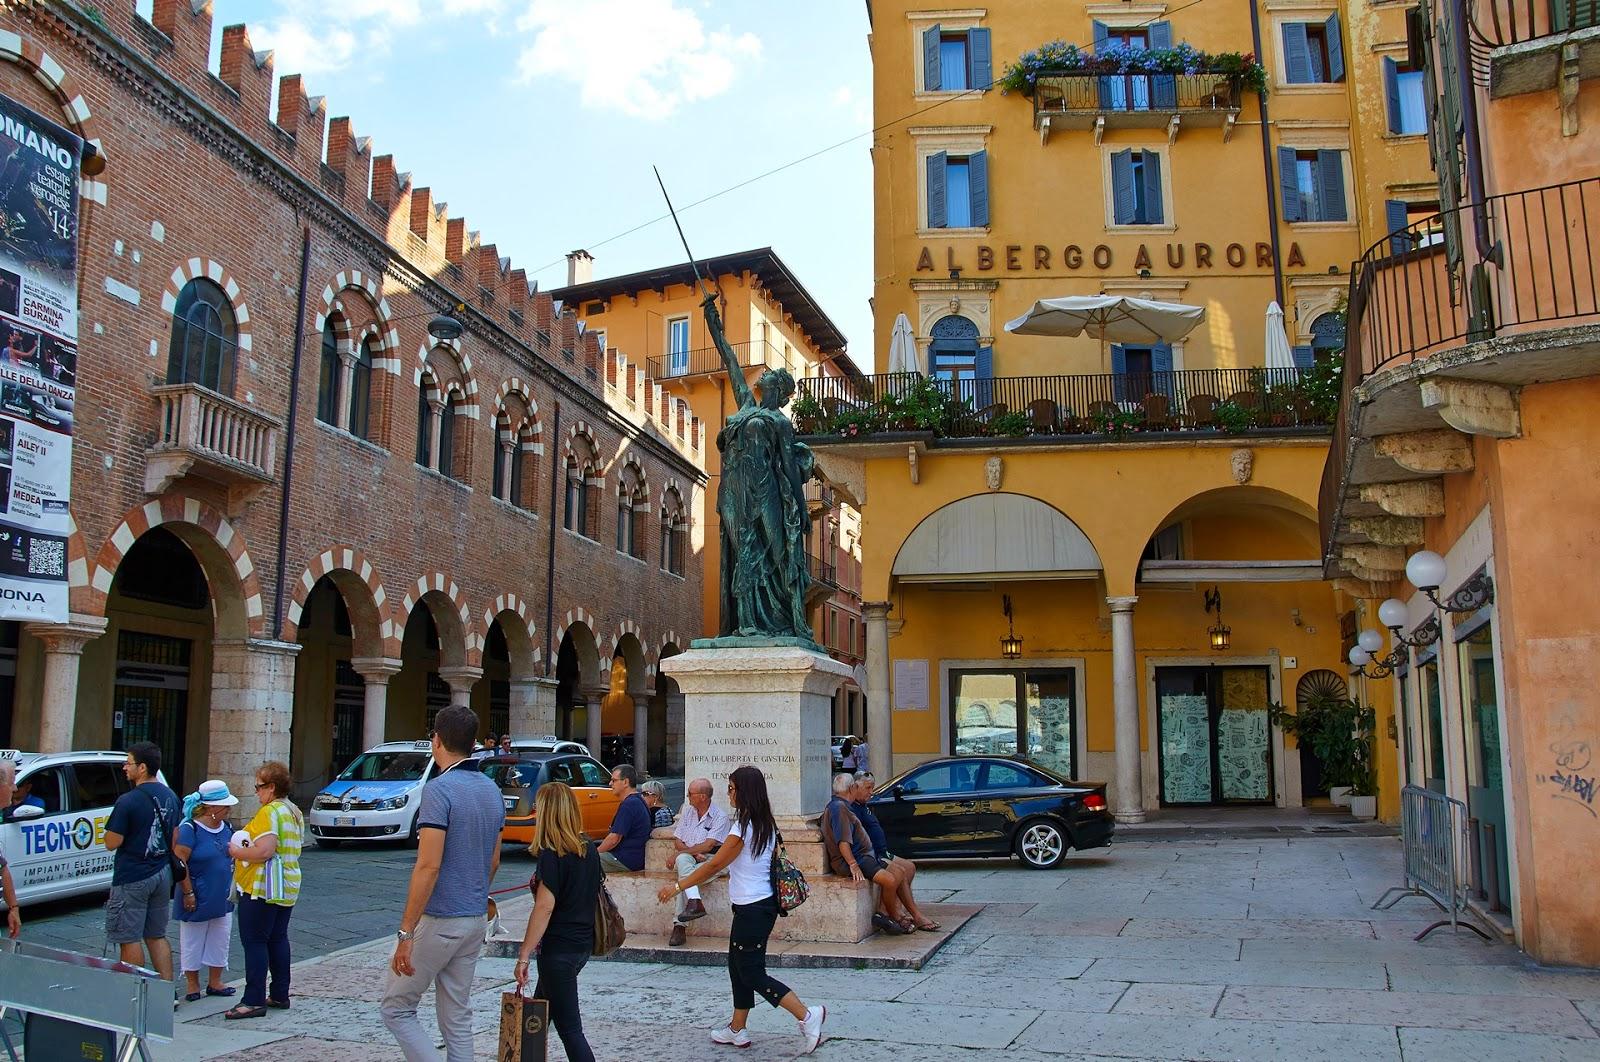 Werona, Włochy północne, miasteczko